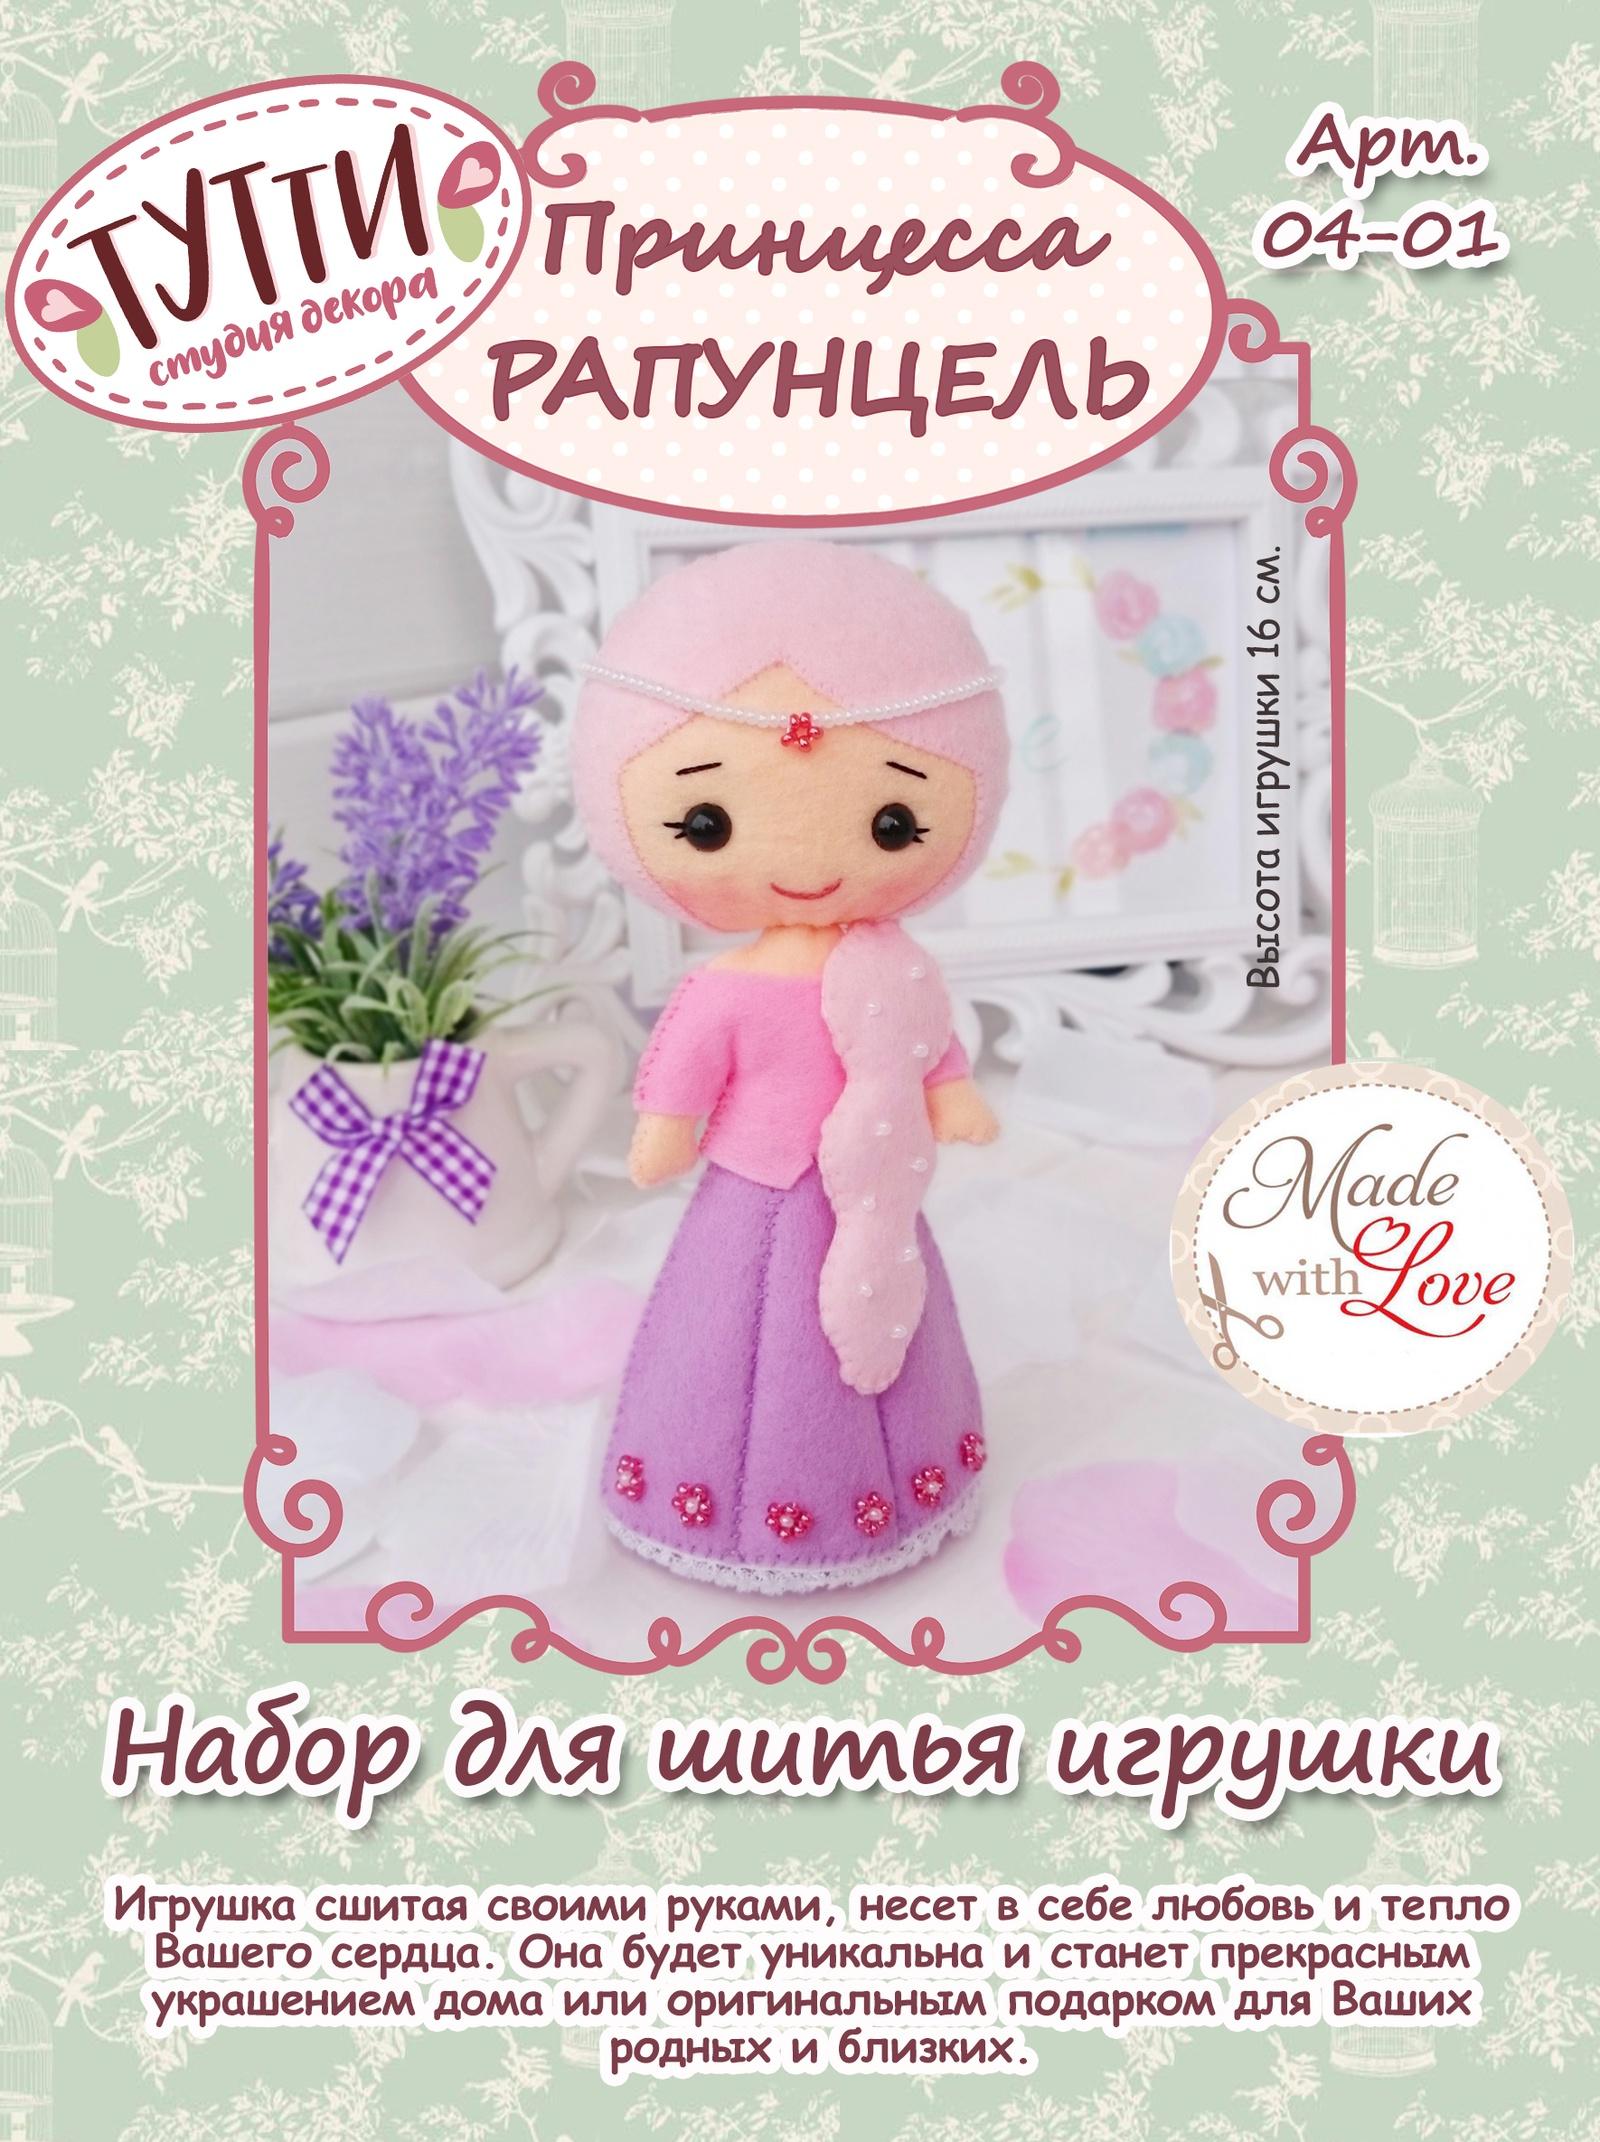 Набор для изготовления игрушки Тутти Принцесса Рапунцель, 04-01 кружево для шитья 30 20 diy